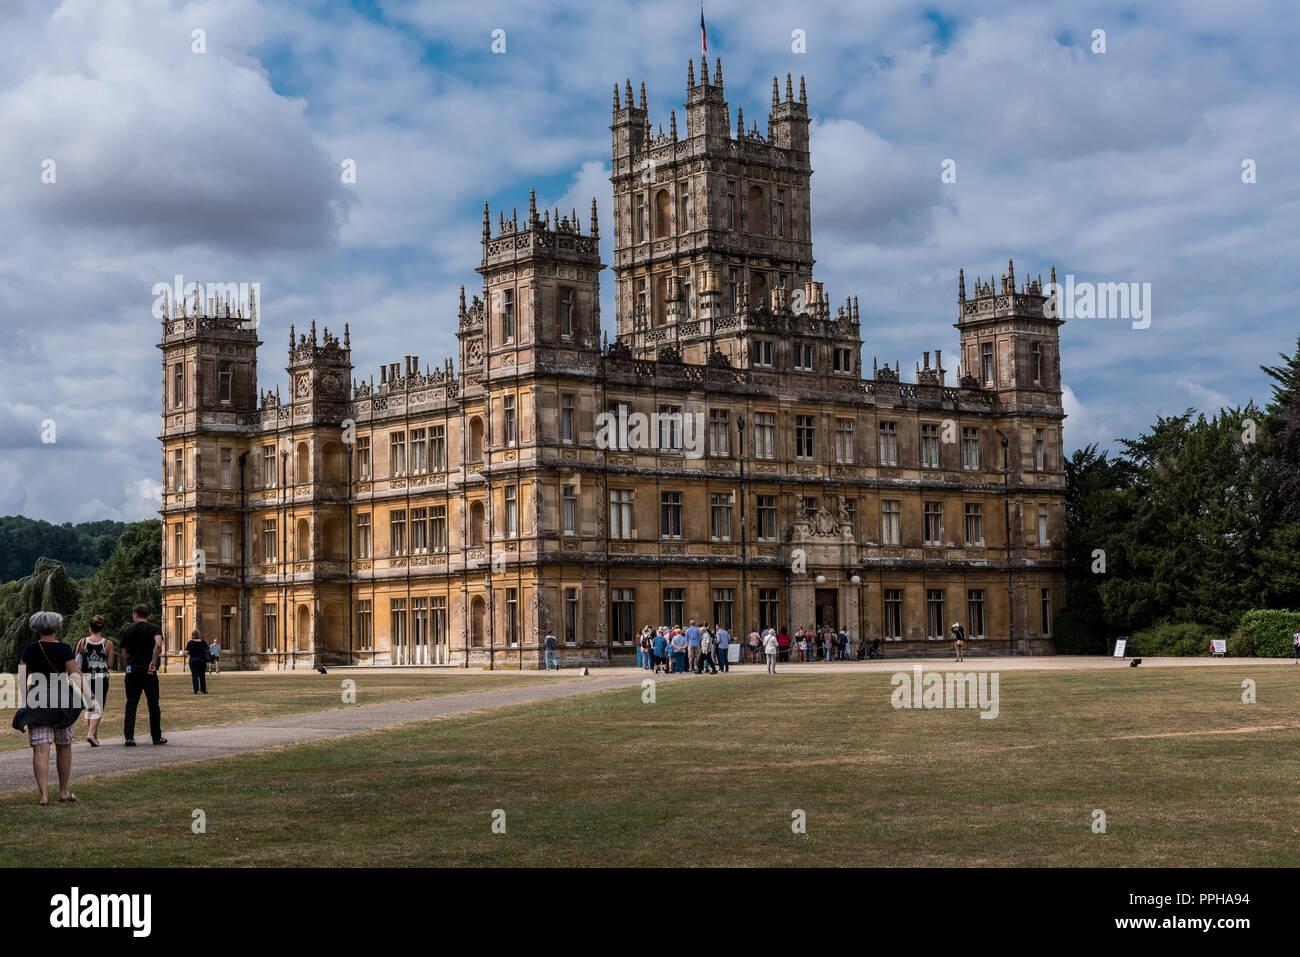 Newbury, Inglaterra -- El 18 de julio de 2018. Los turistas se están alineando fuera de Highclere Castle, donde Downton Abbey está filmado, para hacer una excursión. Imagen De Stock